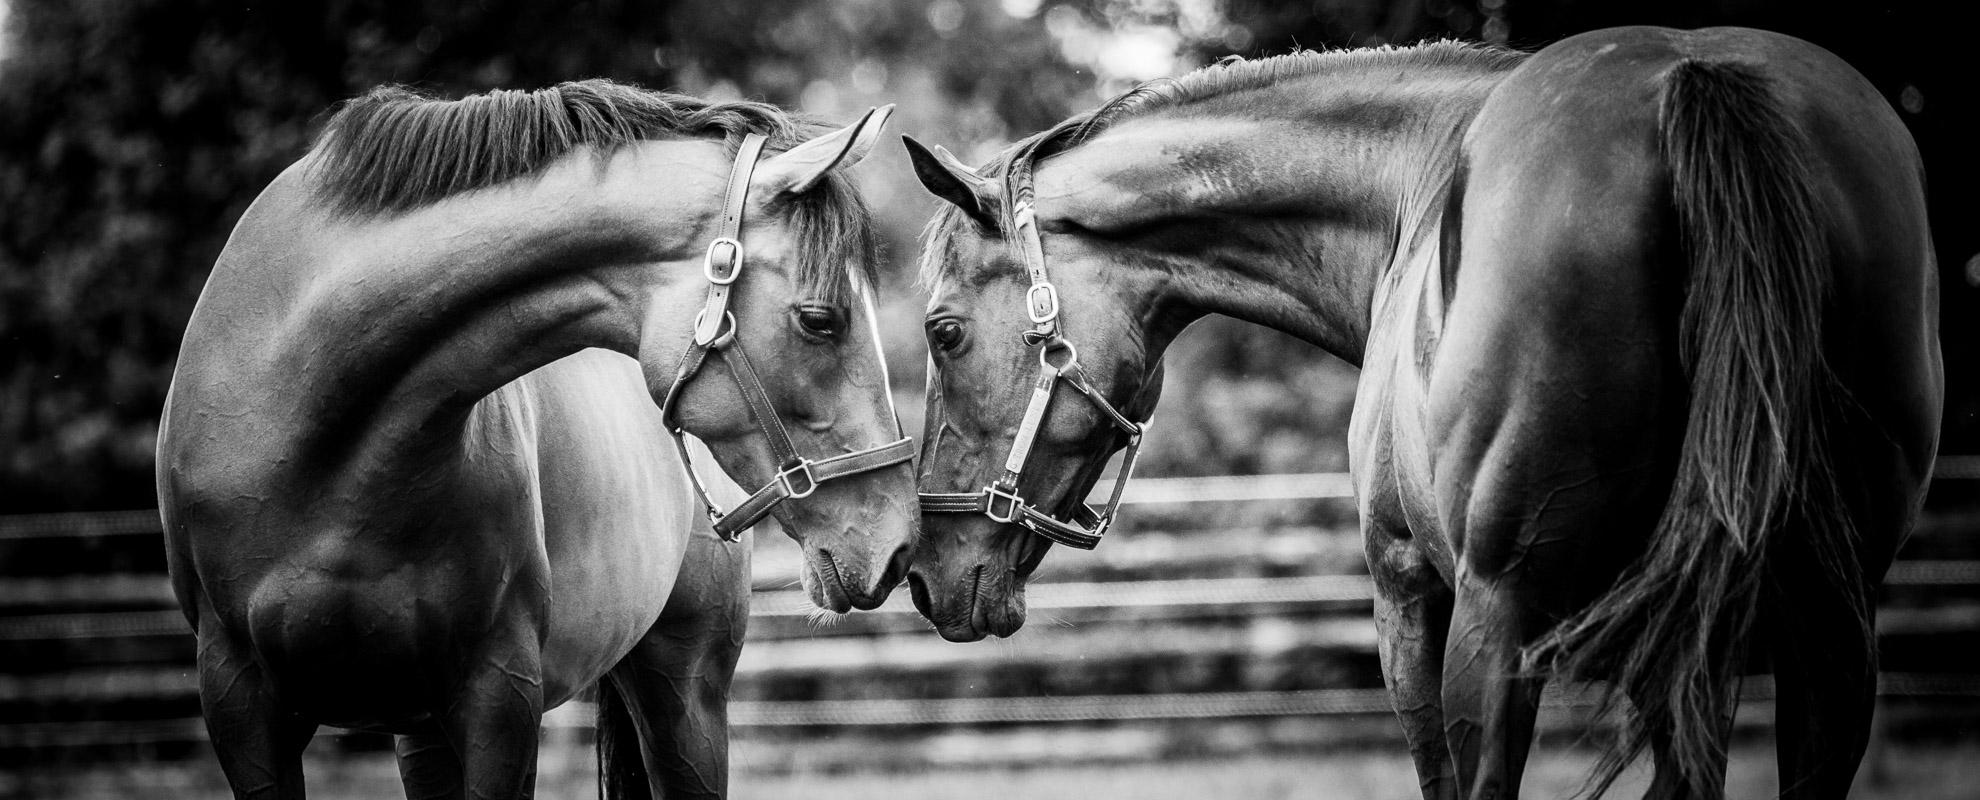 horses_mares_main_005